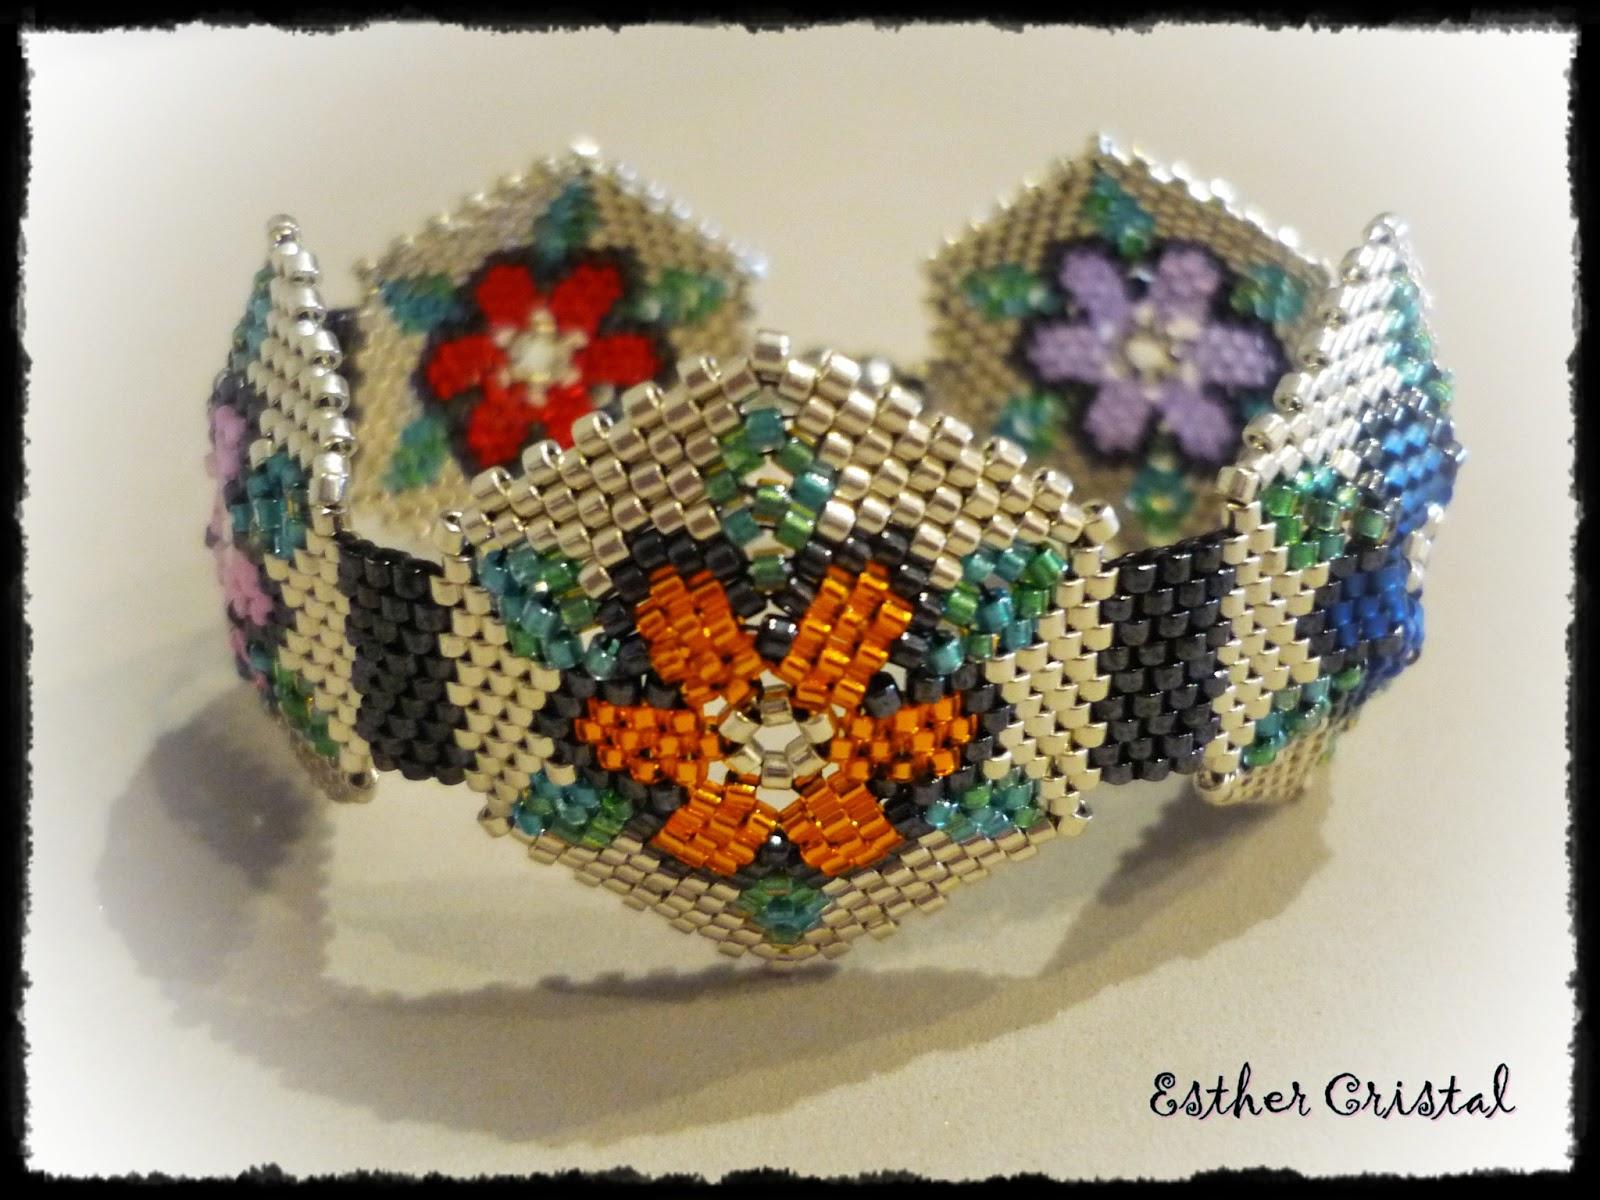 imagenes de pulseras de cristal - imagenes de pulseras | Mercedes Salazar Joyería Online Pulsera Cuarzo Cristal